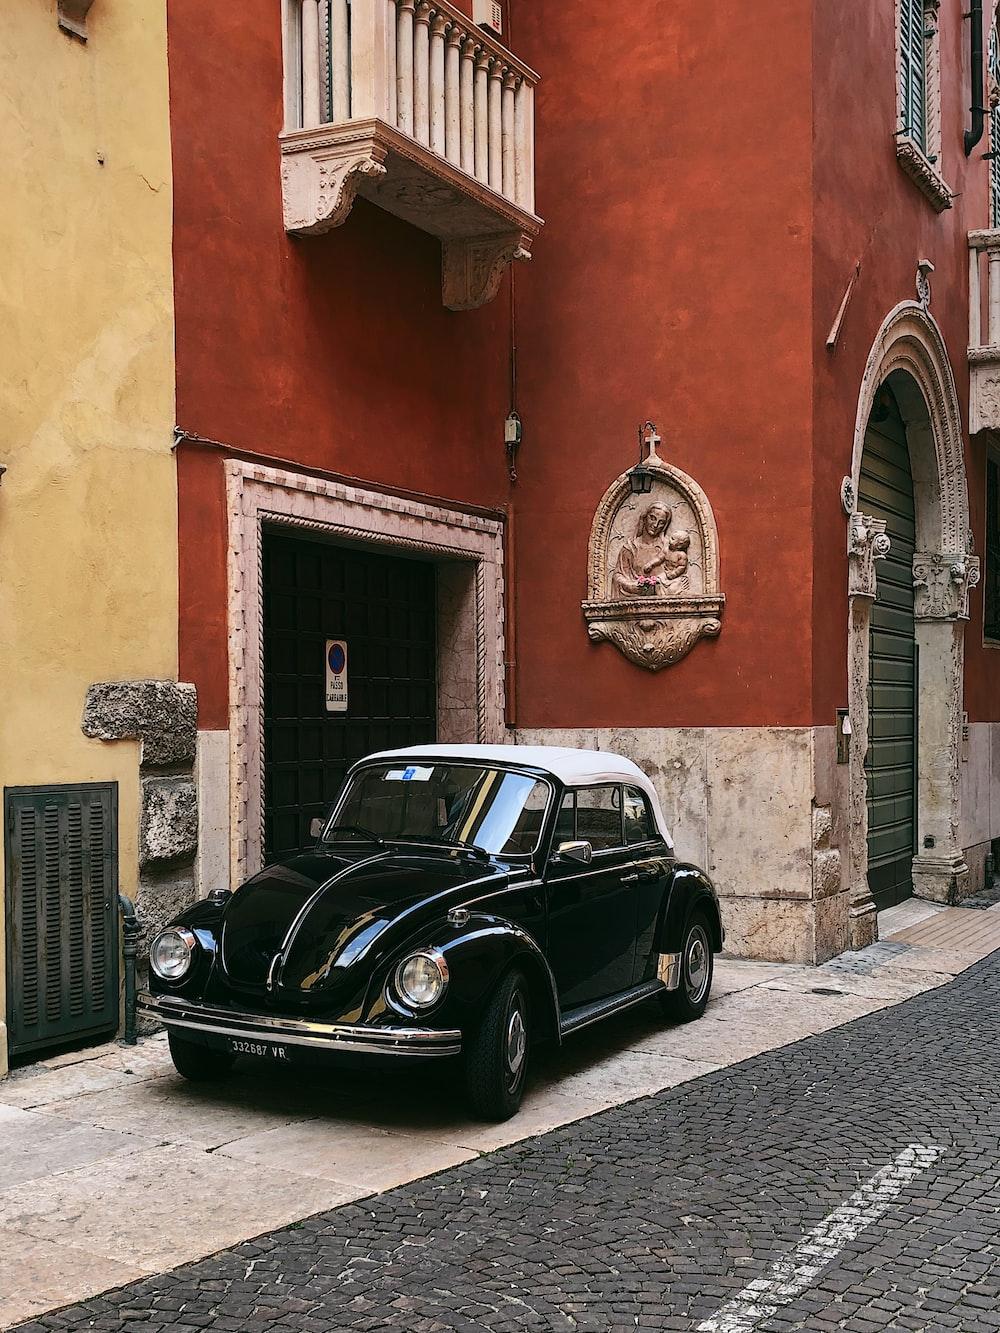 black Volkswagen Beetle near building